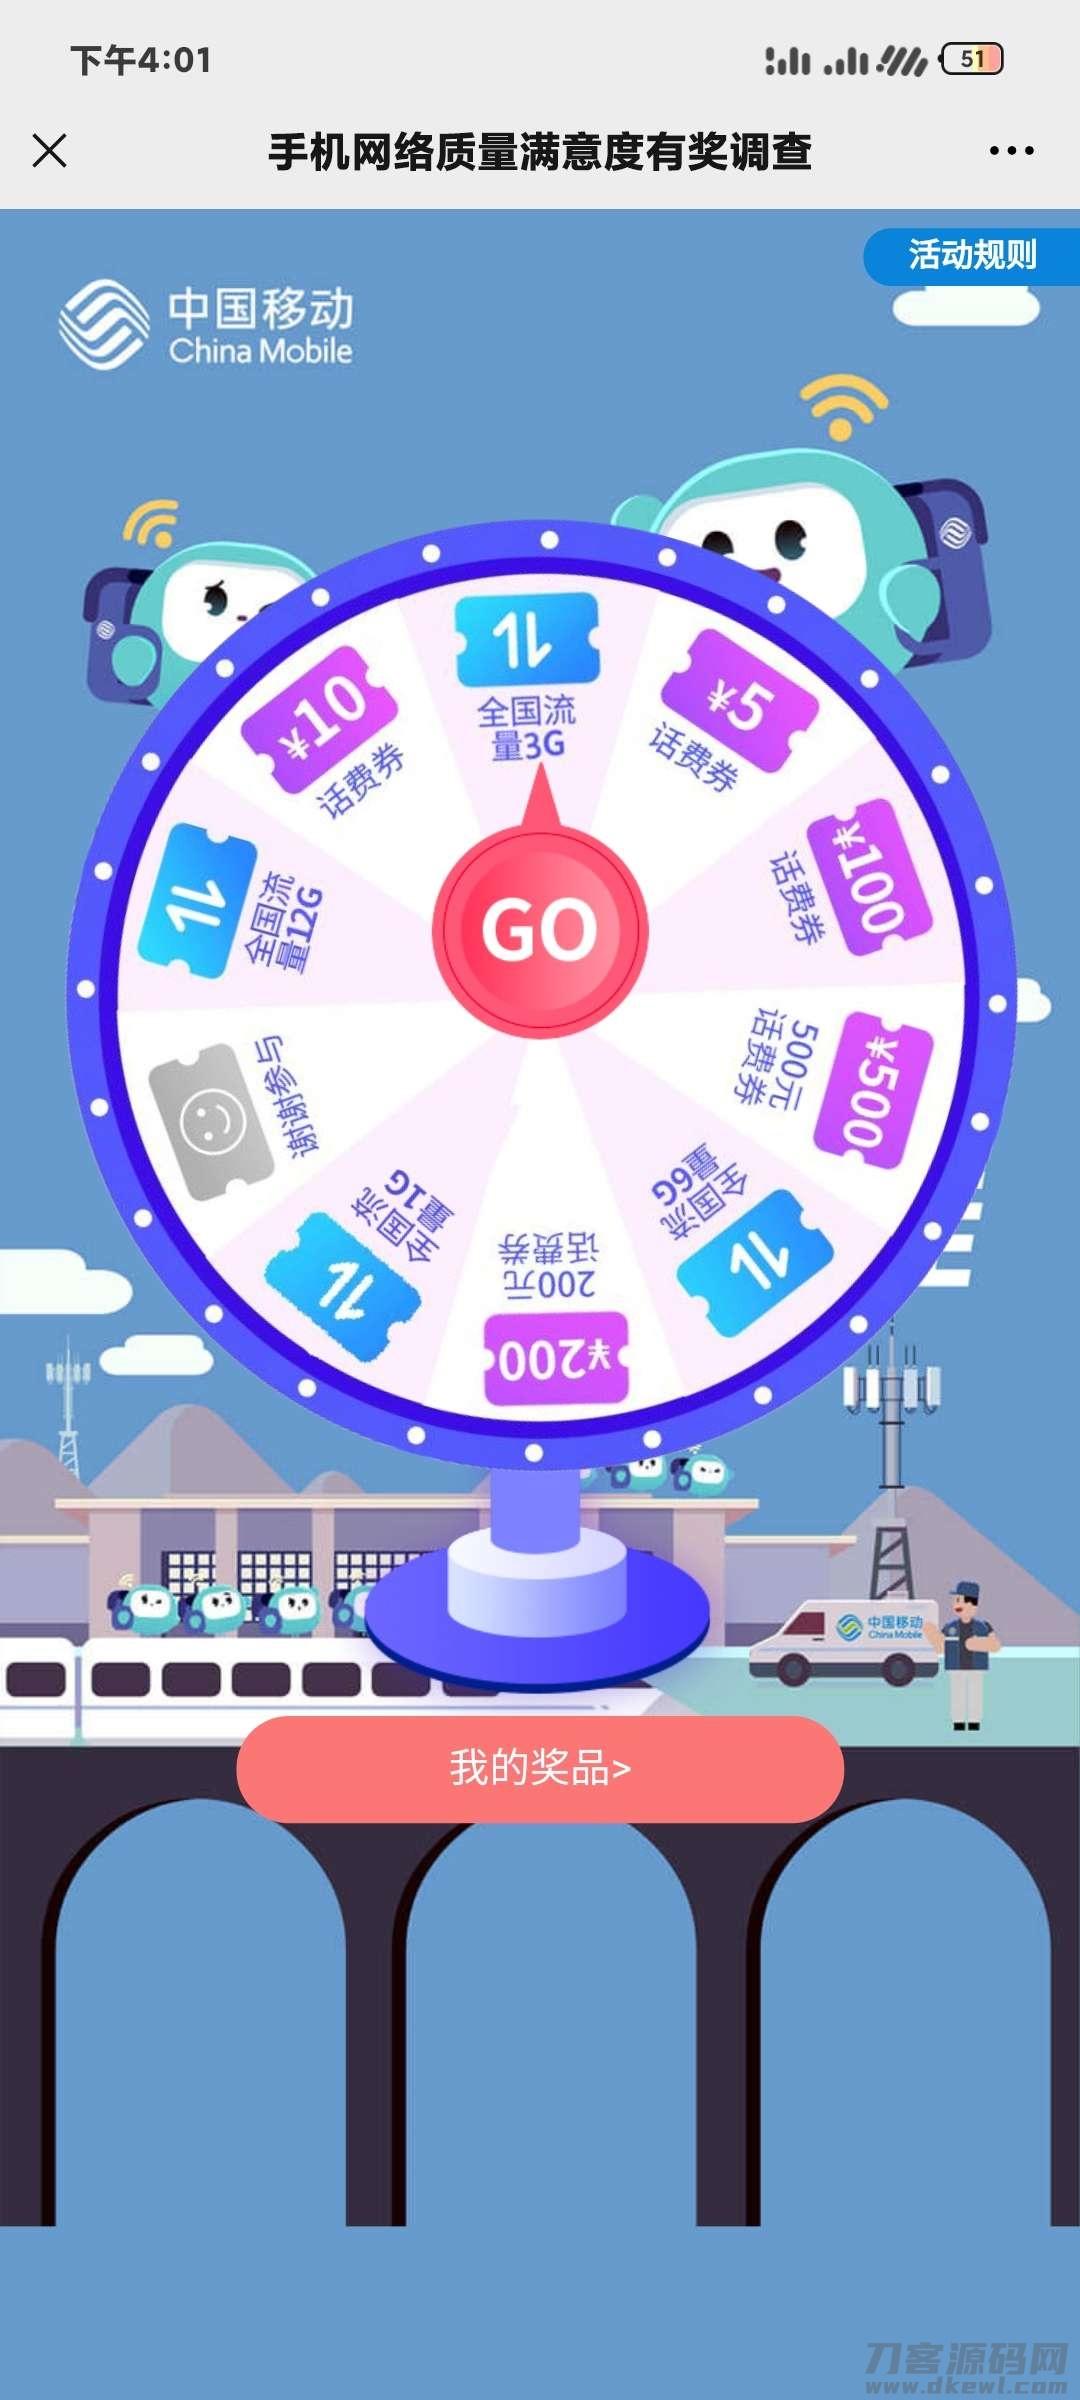 中国移动通信10086微信公众平台抽红包总流量插图1